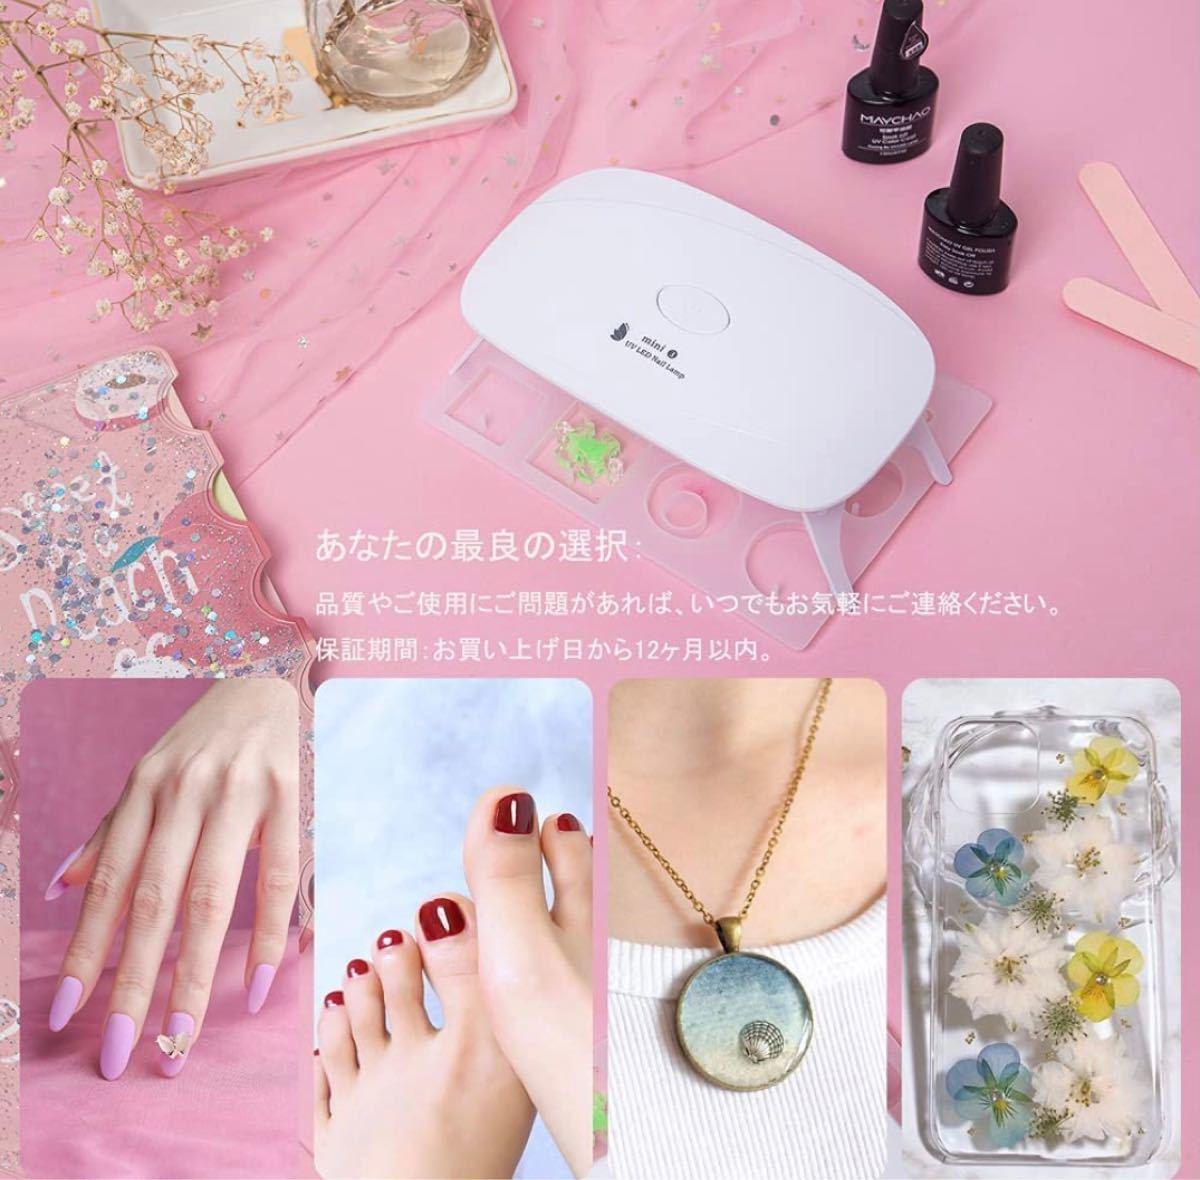 新品 UVライト ジェルネイル レジン用 硬化ライト ネイルケア ネイル 爪 折りたたみ 可愛い コンパクトサイズ